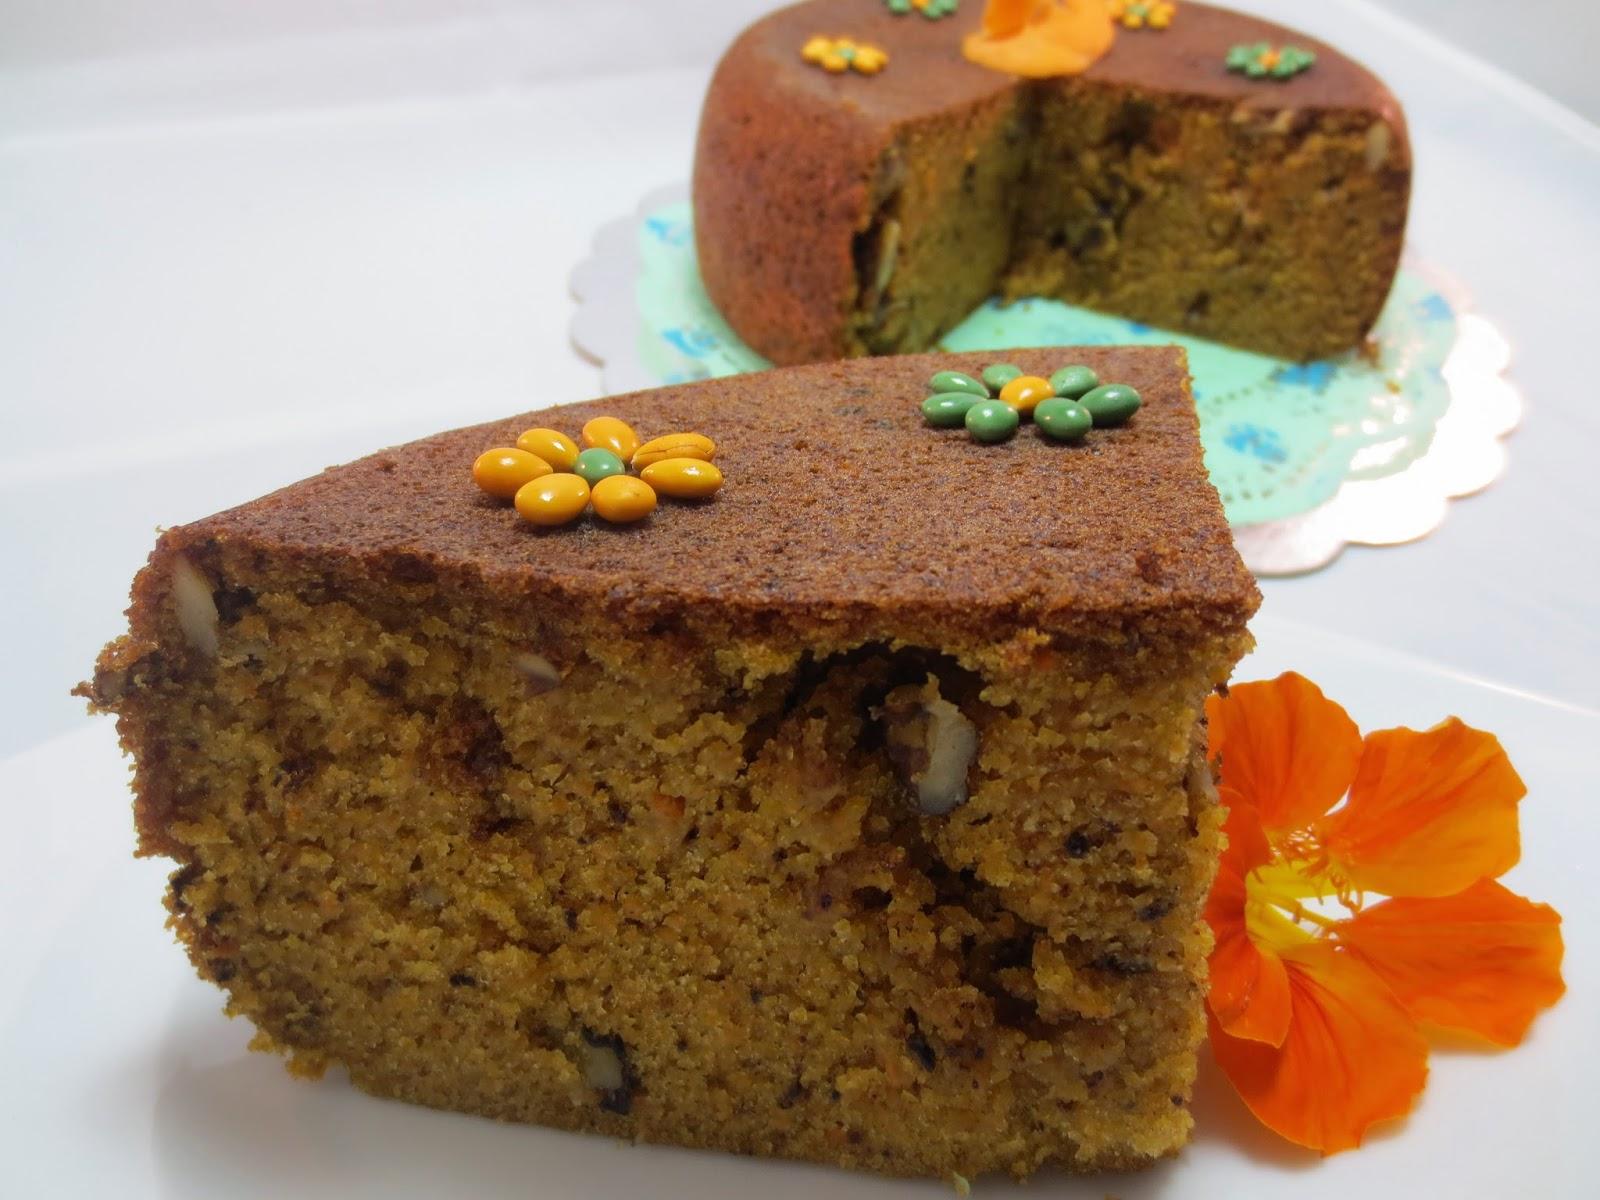 Bizcocho de zanahoria (Carrot cake) Olla GM